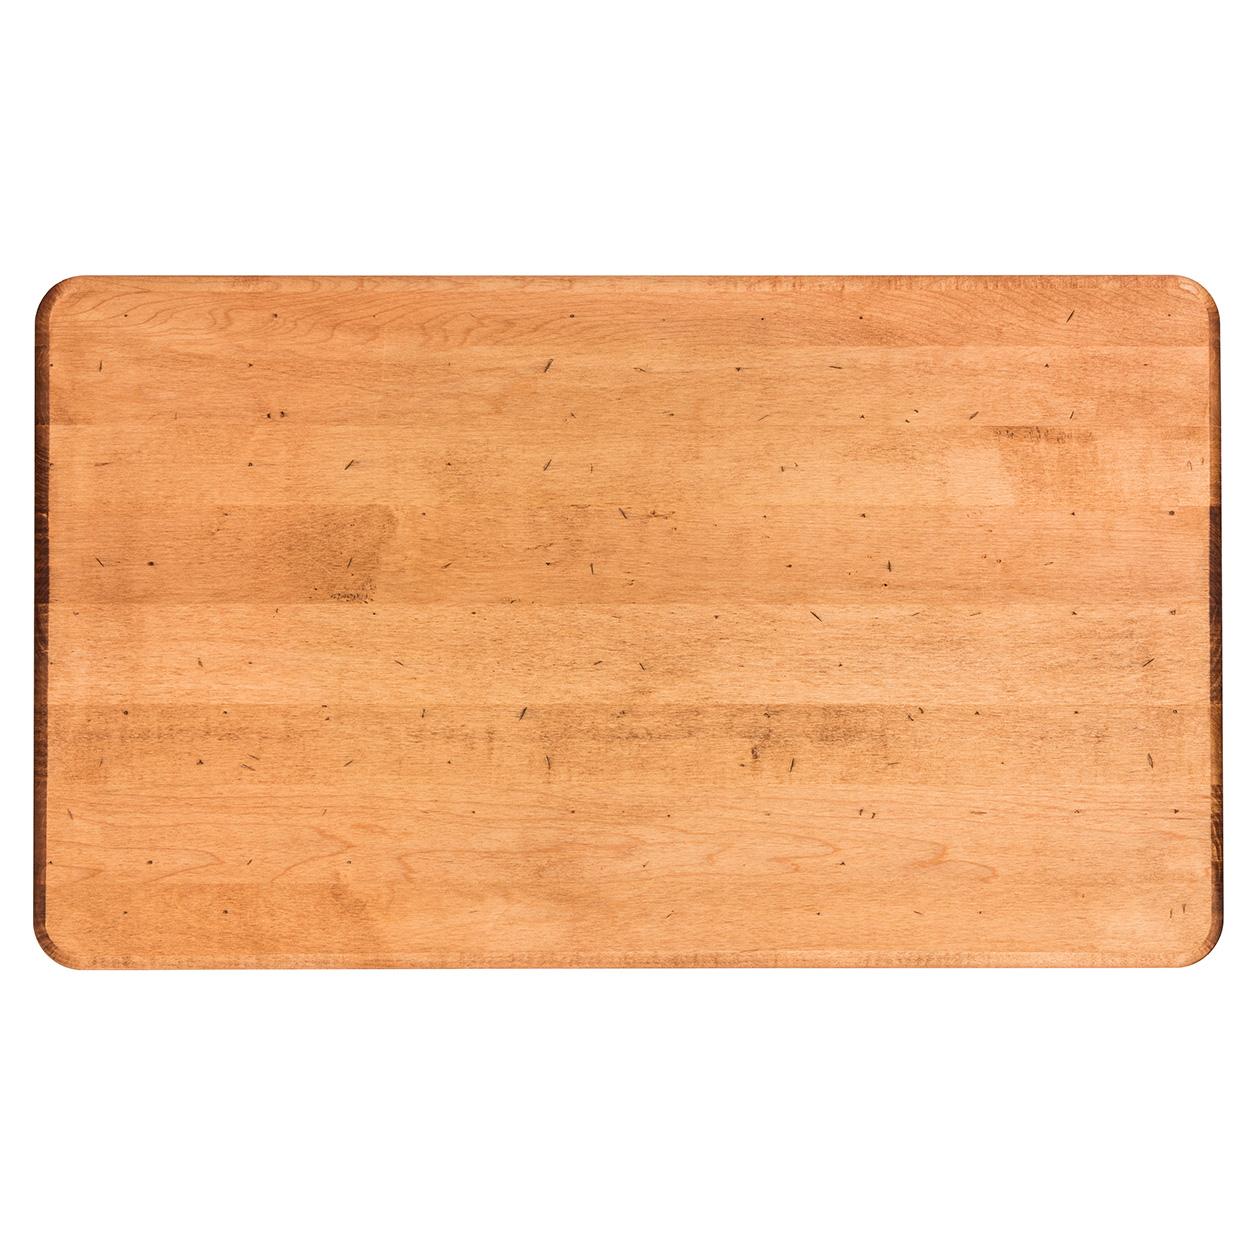 Serving Board.jpg